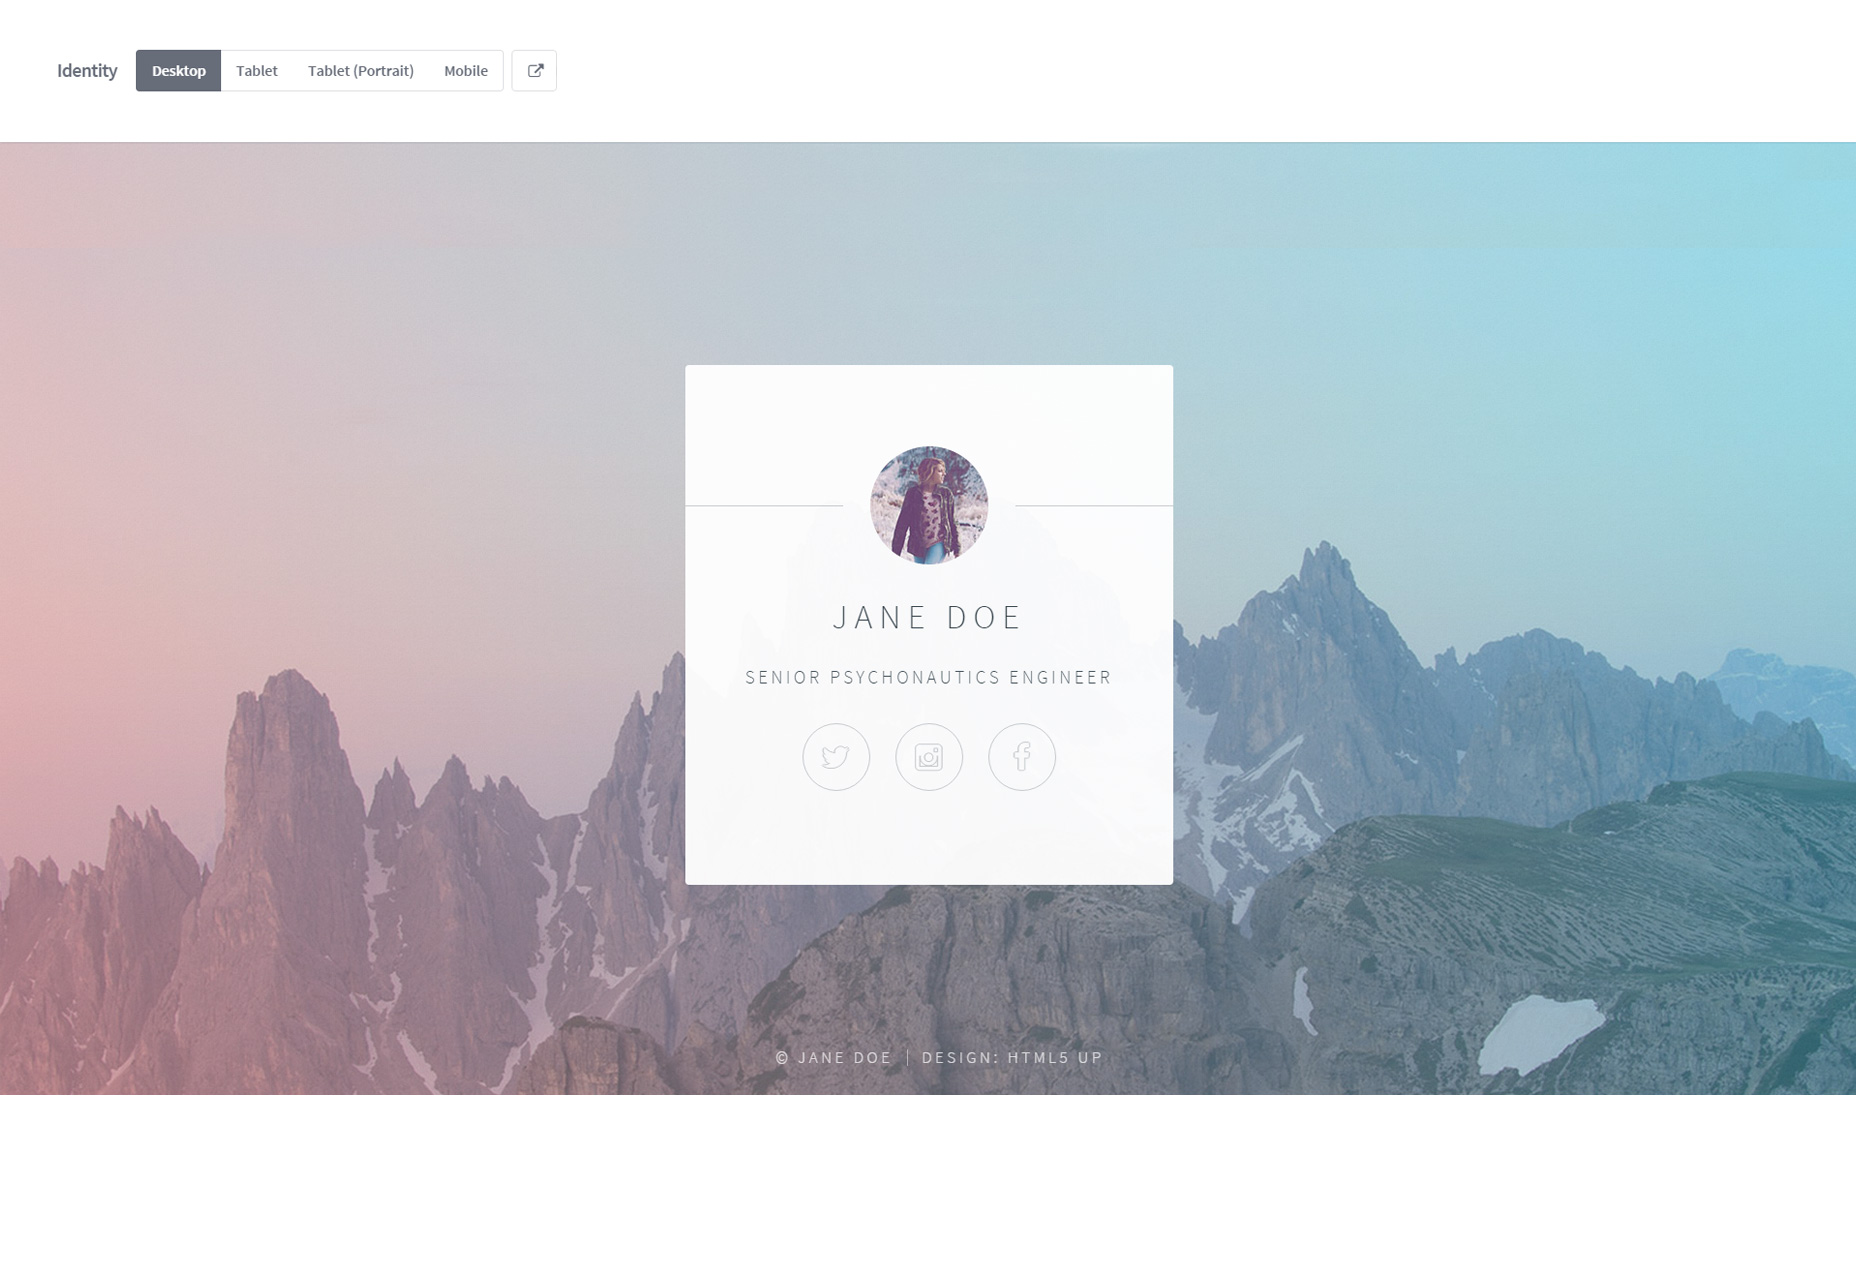 Identidad: una plantilla HTML de tarjeta de identificación mínima